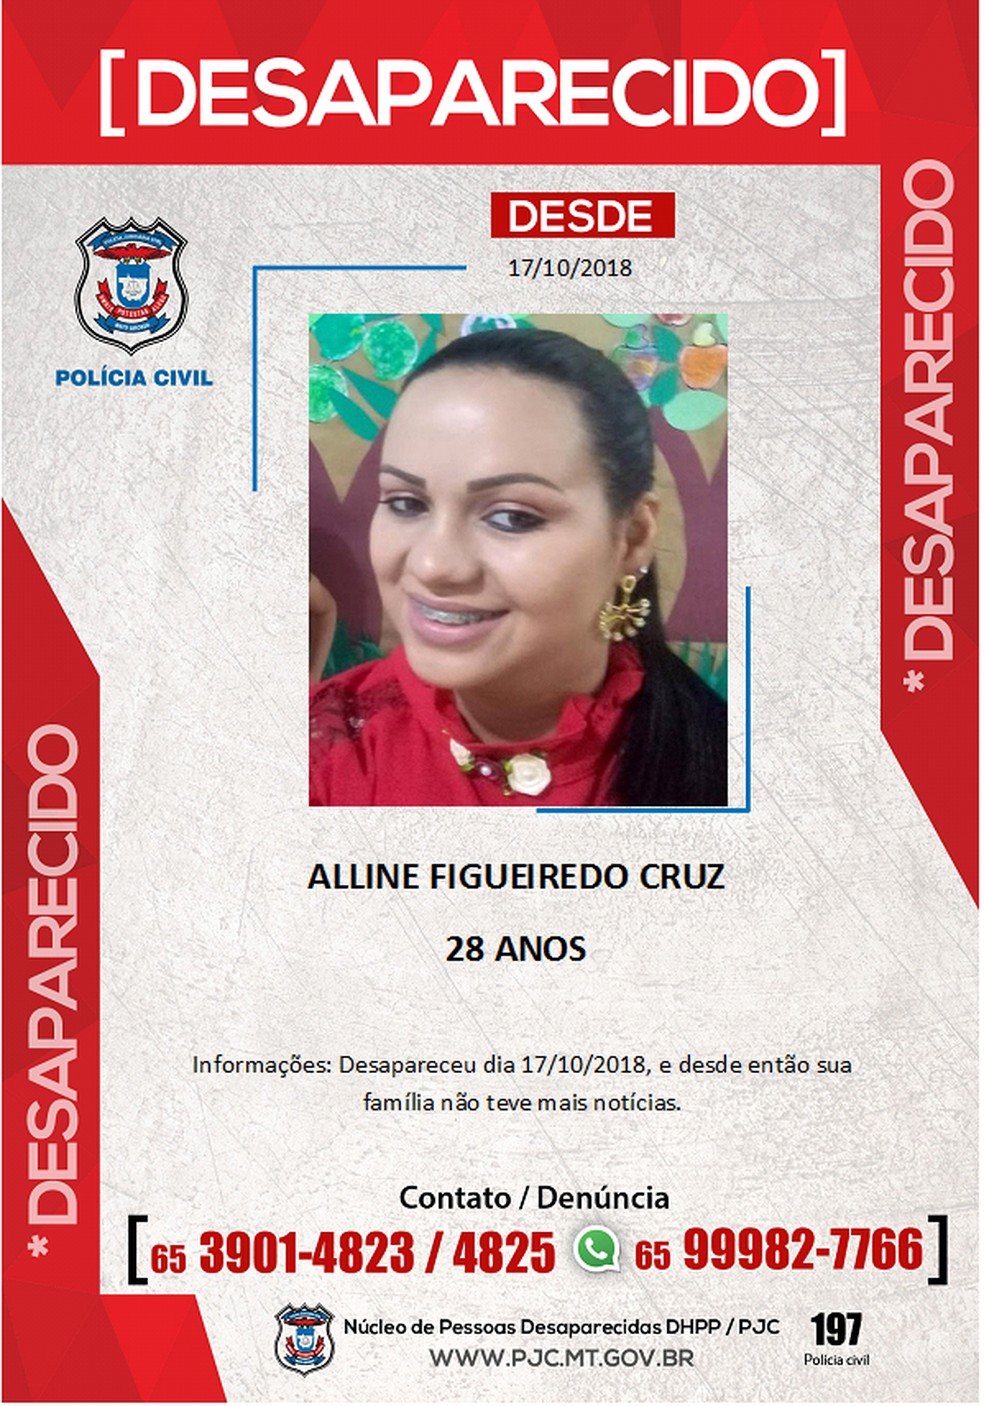 Polícia chegou a divulgar cartaz sobre desaparecimento de Alline — Foto: Polícia Civil de Mato Grosso/Assessoria